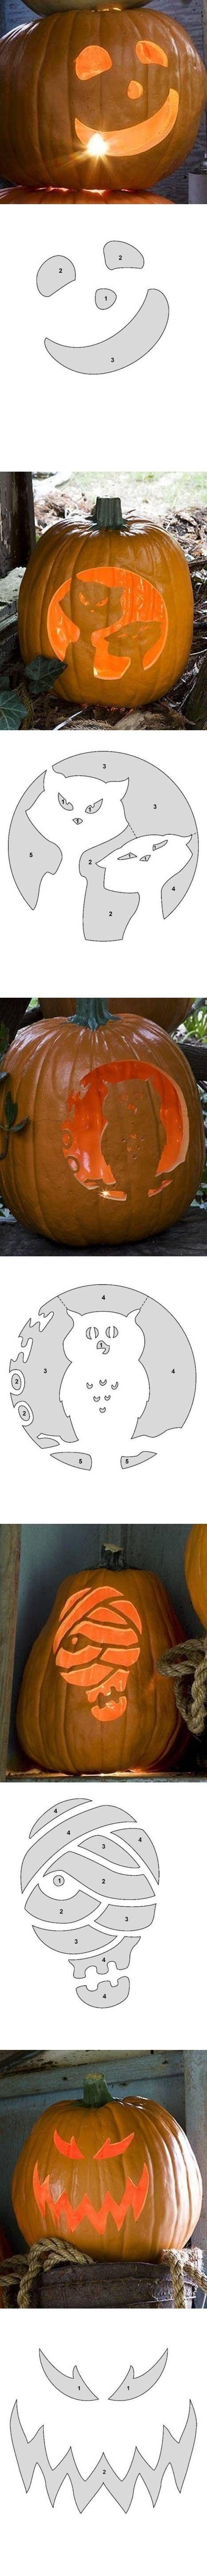 213 besten Voor pompoenen Bilder auf Pinterest | Halloween ideen ...